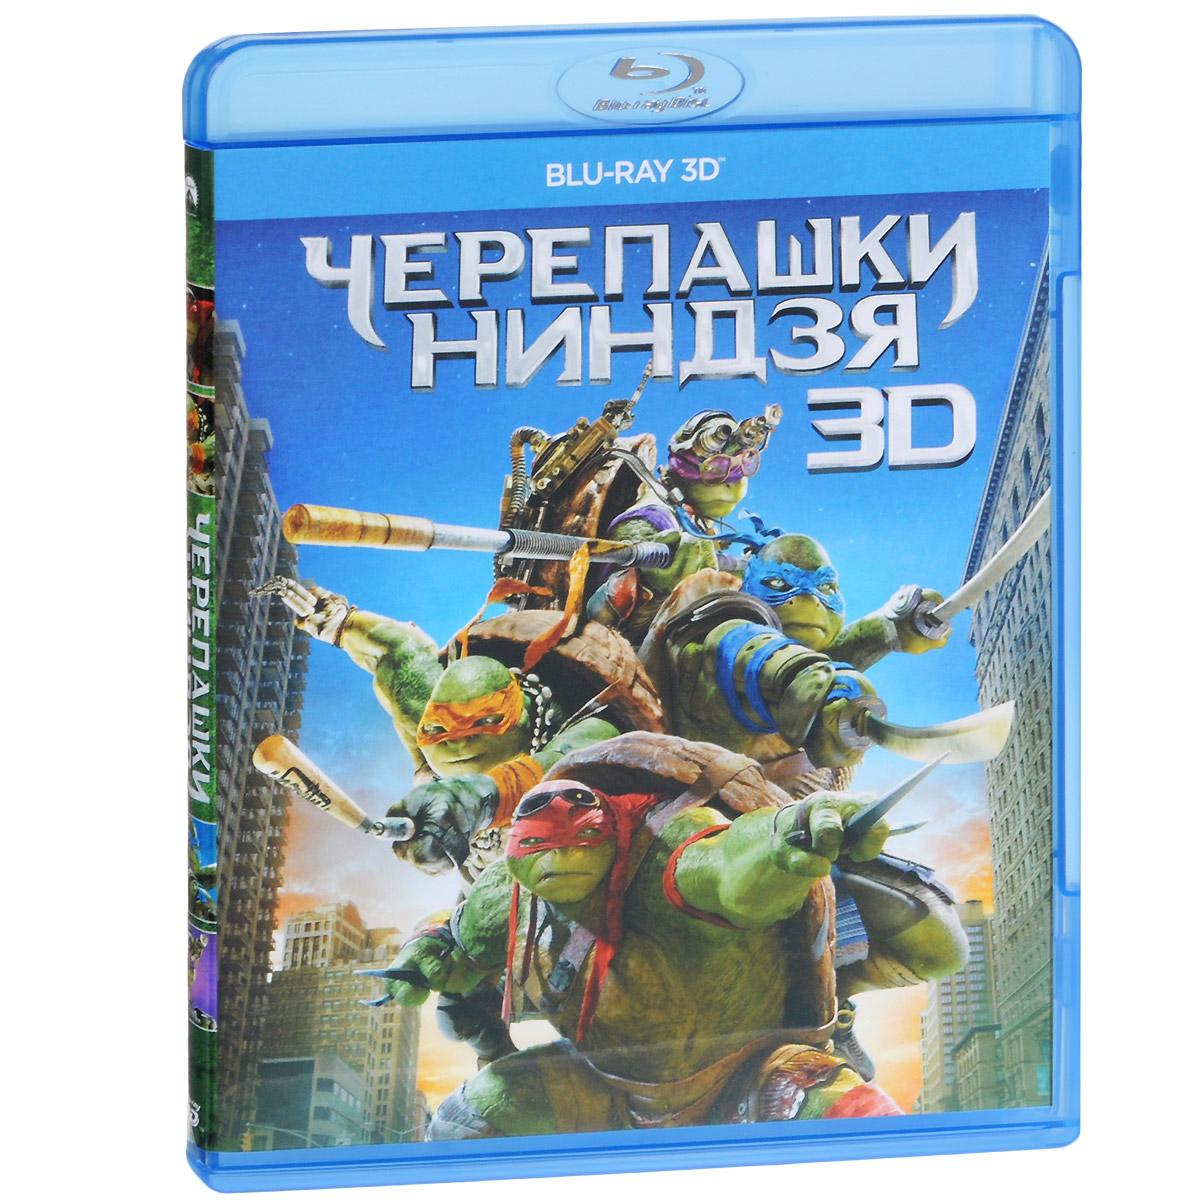 Черепашки-ниндзя 3D (Blu-ray) трансформеры последний рыцарь blu ray 3d blu ray